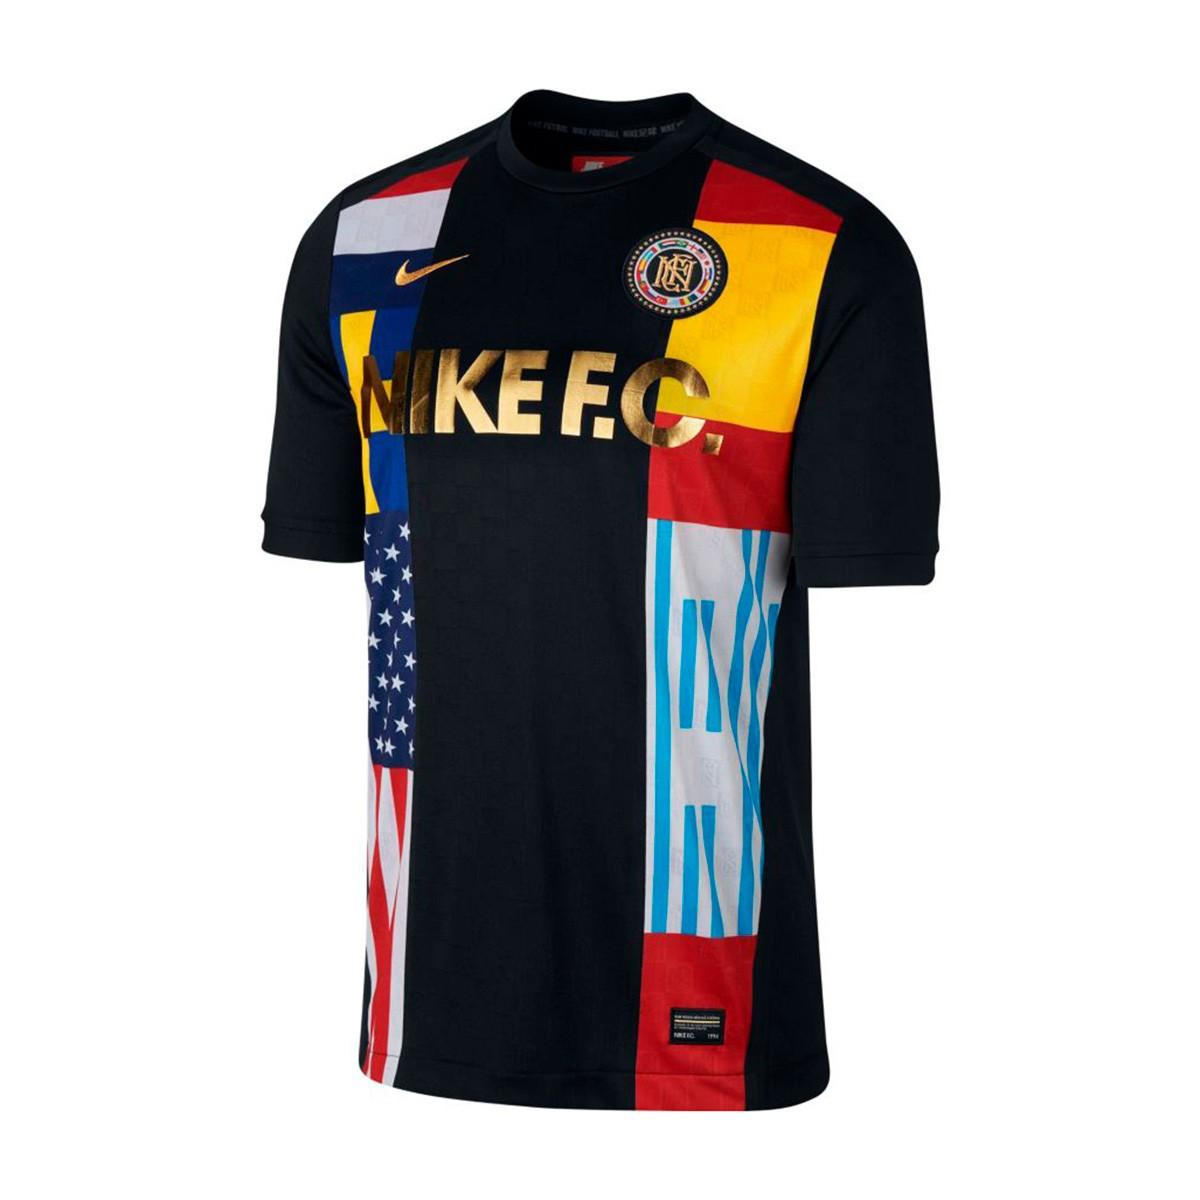 Camiseta Nike F.C. Black Tour yellow